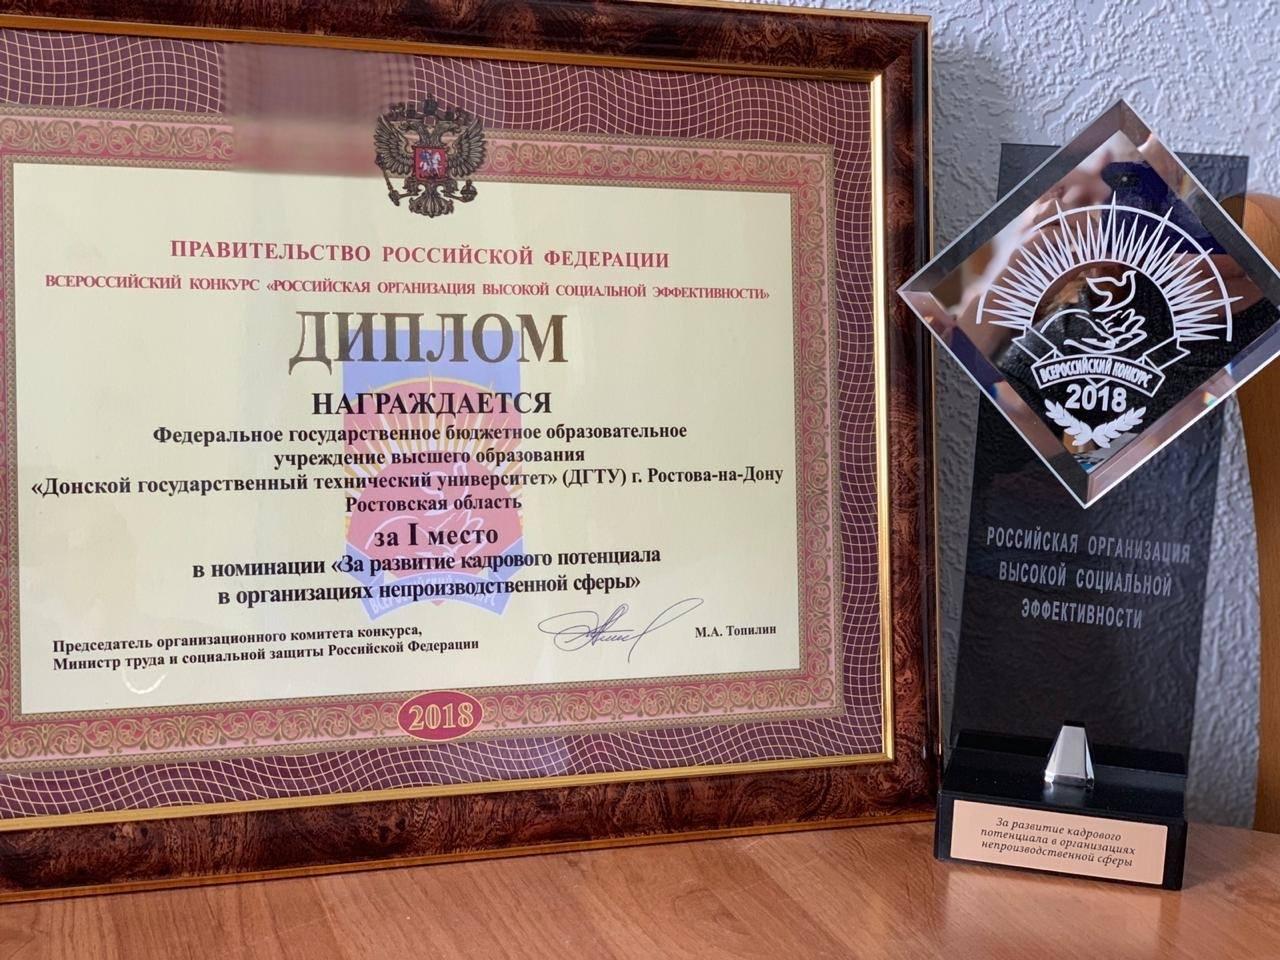 На Дону стартует этап конкурса «Российская организация высокой социальной эффективности»